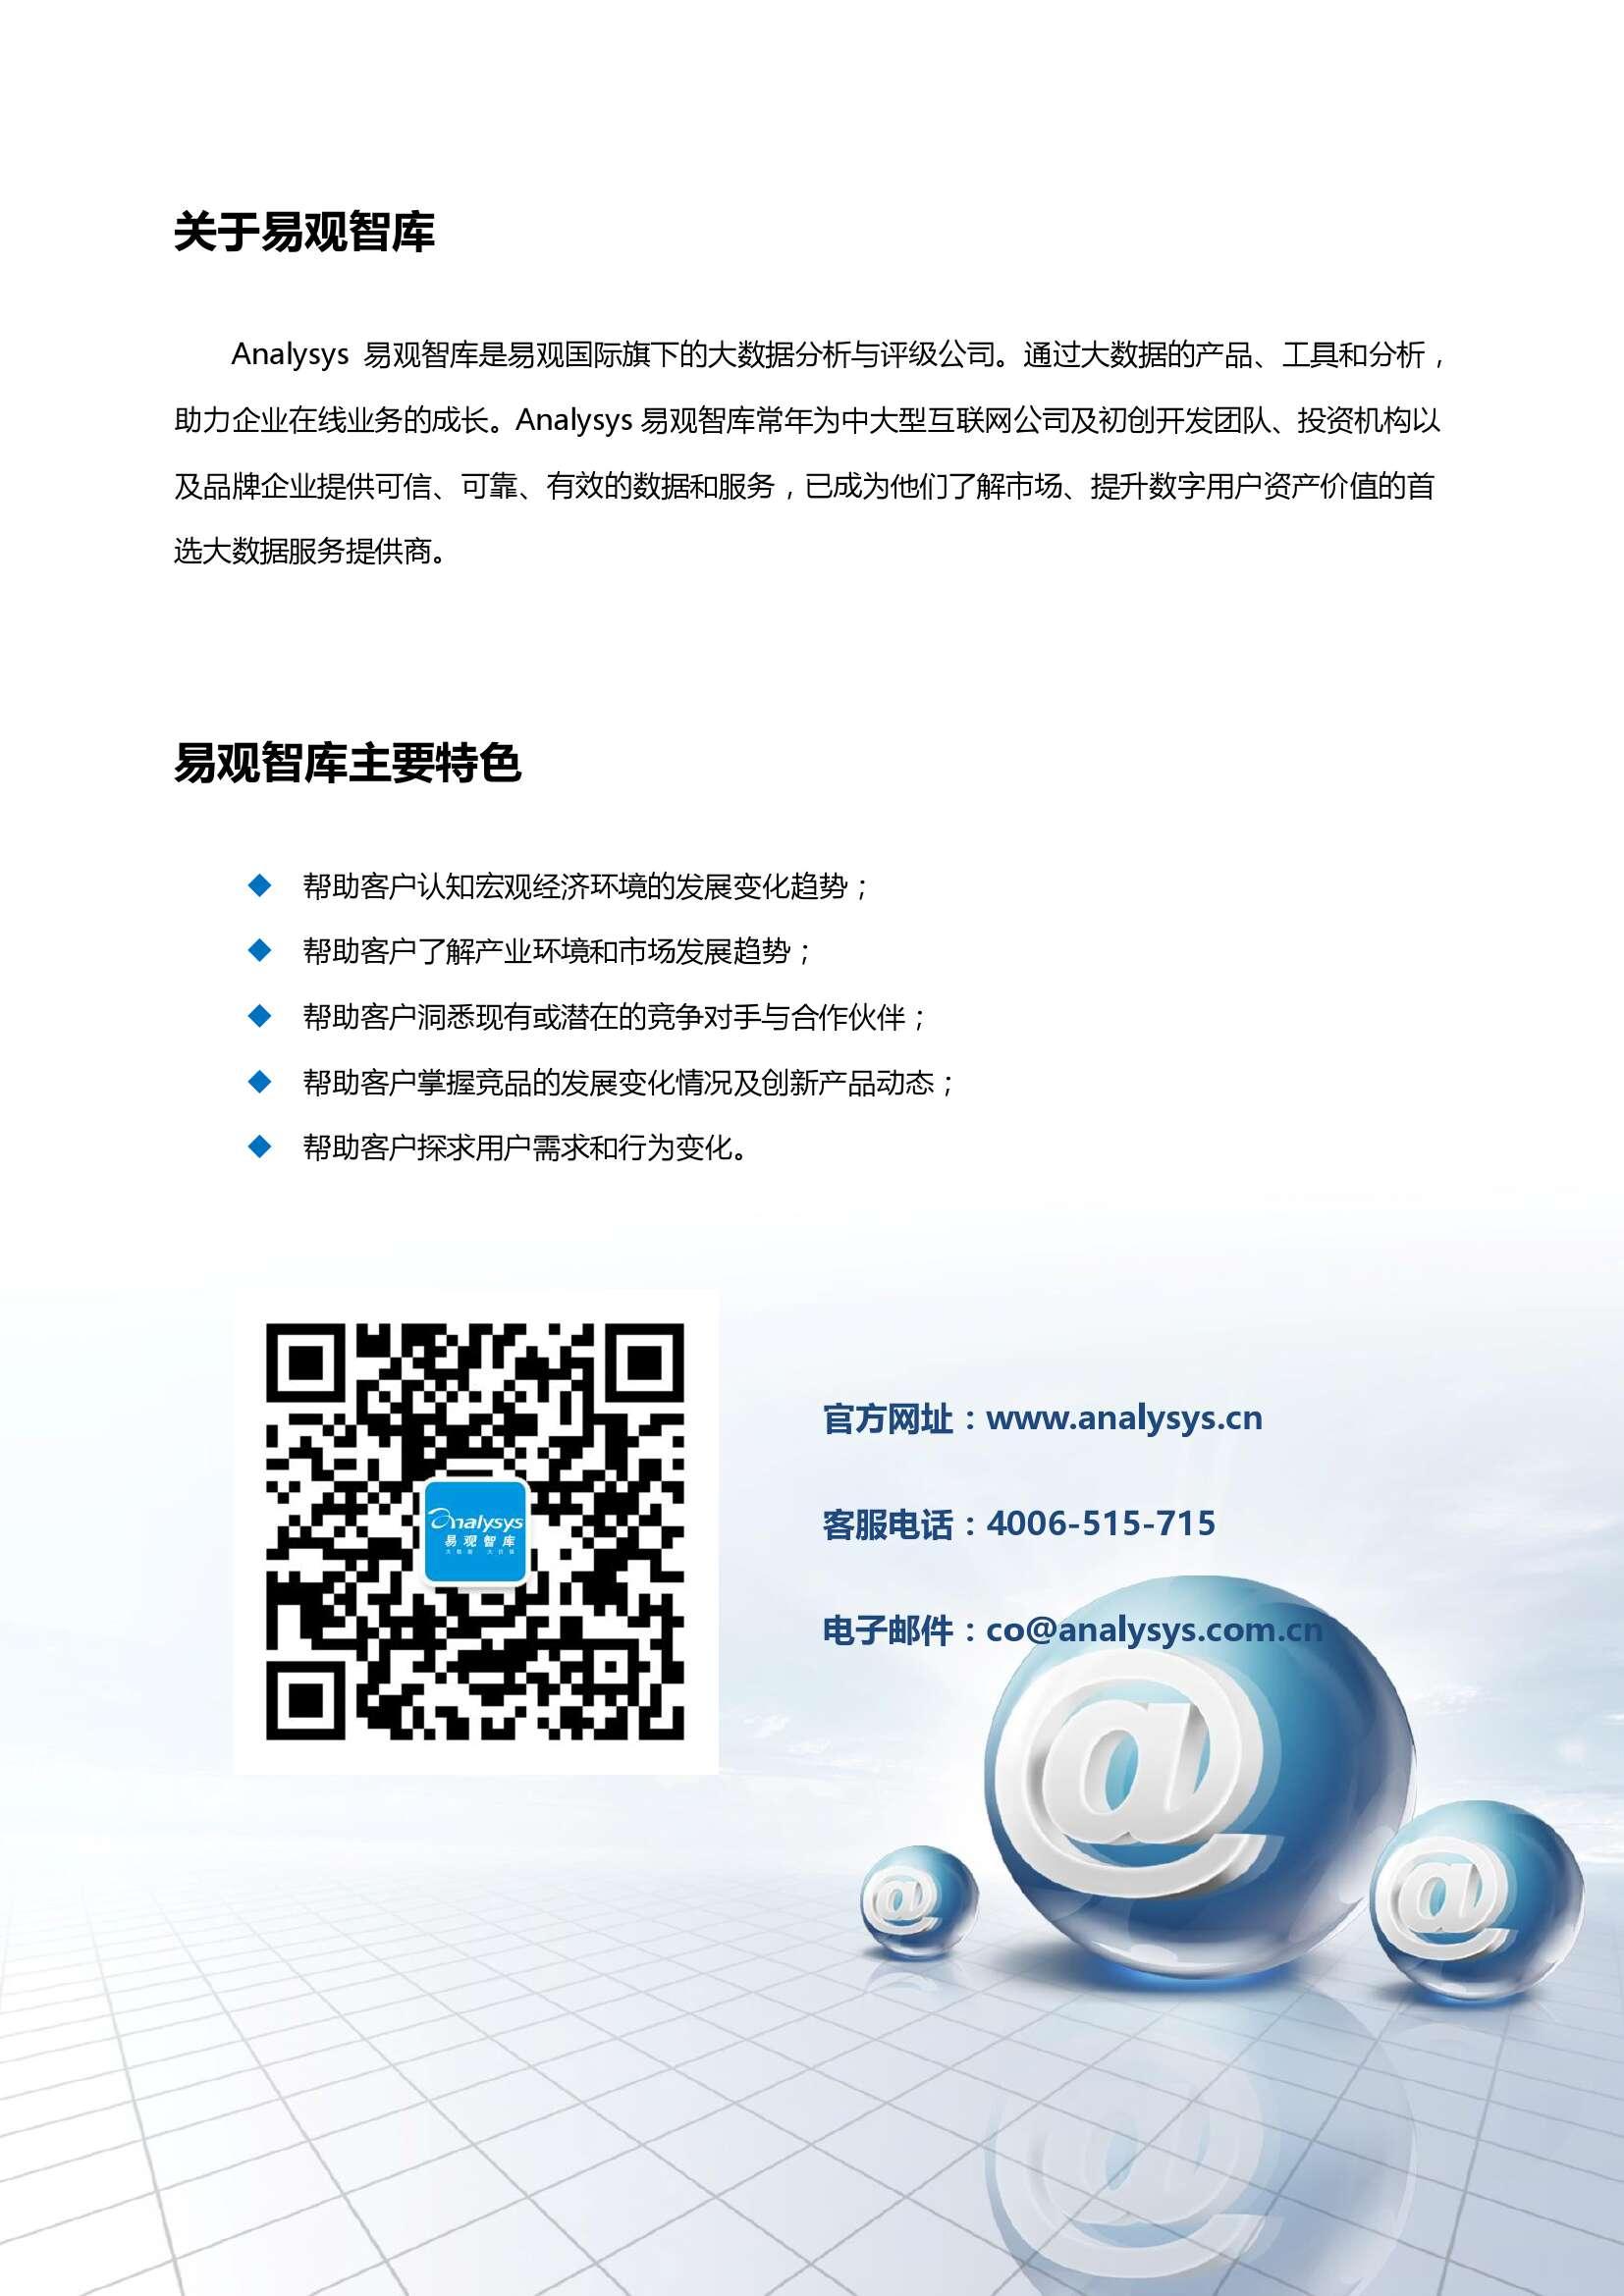 中国网络广告市场年度综合报告2016_000070